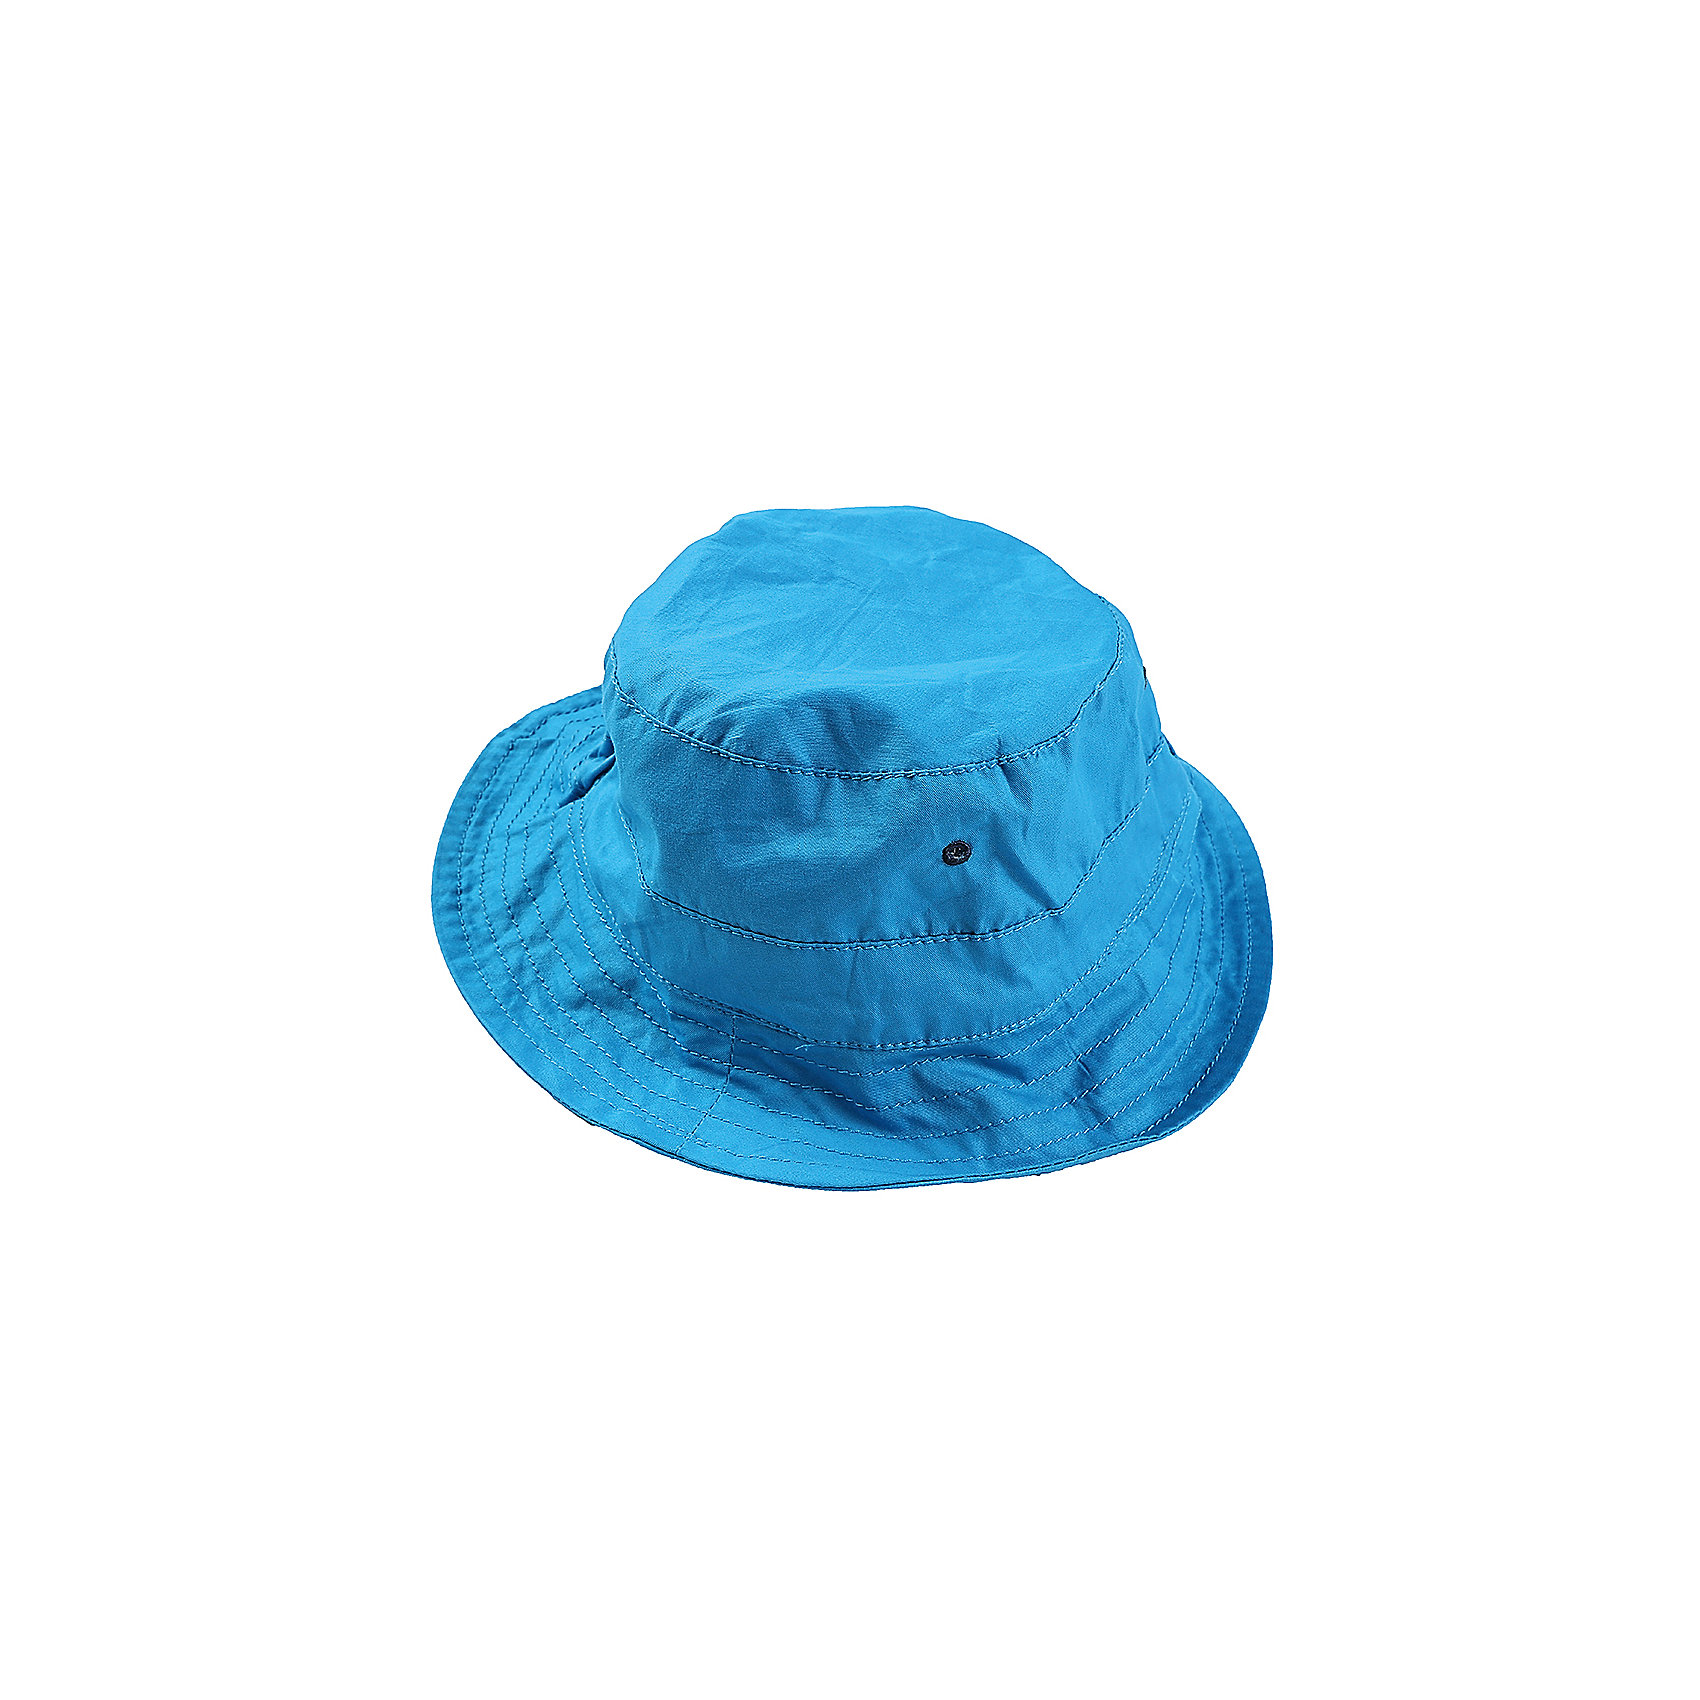 Панама для мальчика Sweet BerryЛетние<br>Модная хлопковая панама для мальчика.<br>Состав:<br>100%хлопок<br><br>Ширина мм: 89<br>Глубина мм: 117<br>Высота мм: 44<br>Вес г: 155<br>Цвет: голубой<br>Возраст от месяцев: 24<br>Возраст до месяцев: 36<br>Пол: Мужской<br>Возраст: Детский<br>Размер: 50,52,54<br>SKU: 5412947